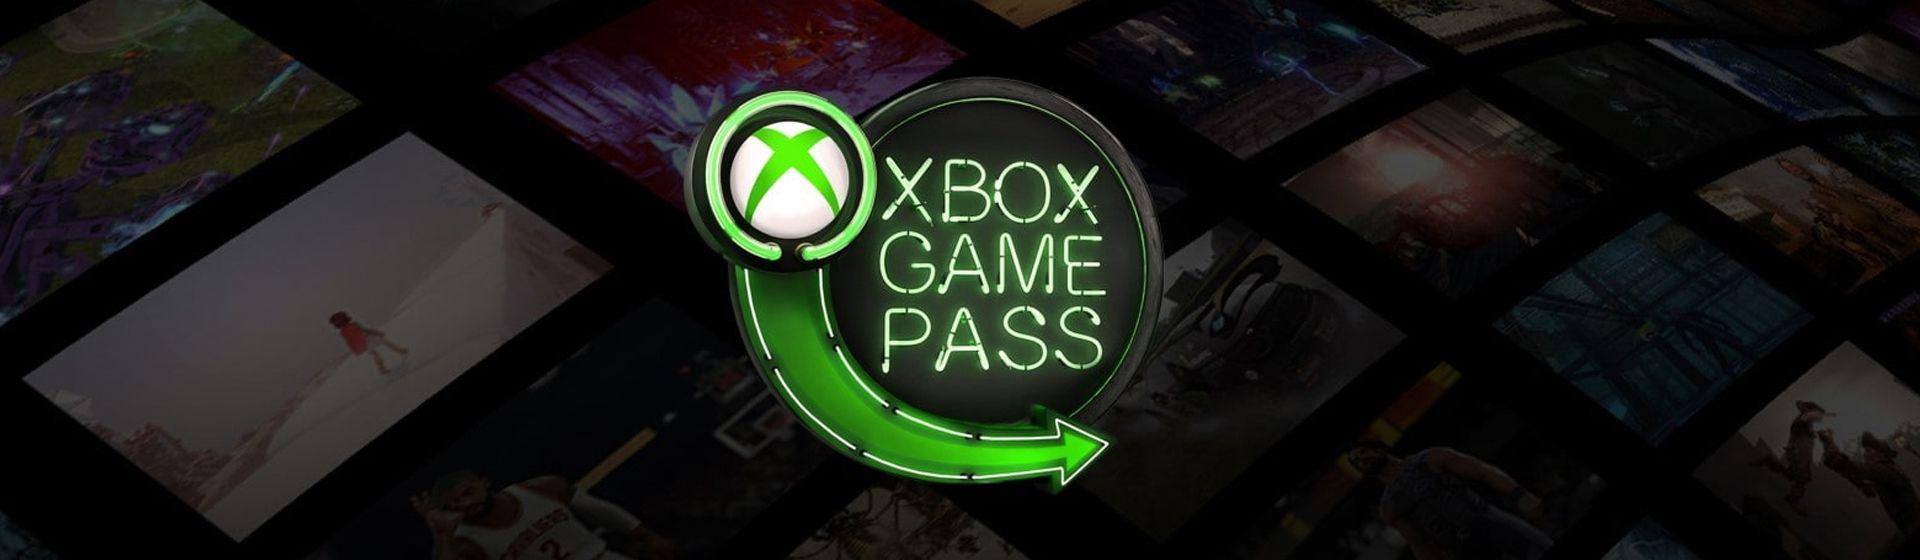 Xbox Game Pass e Live Gold ficam mais caros em outubro; veja preços